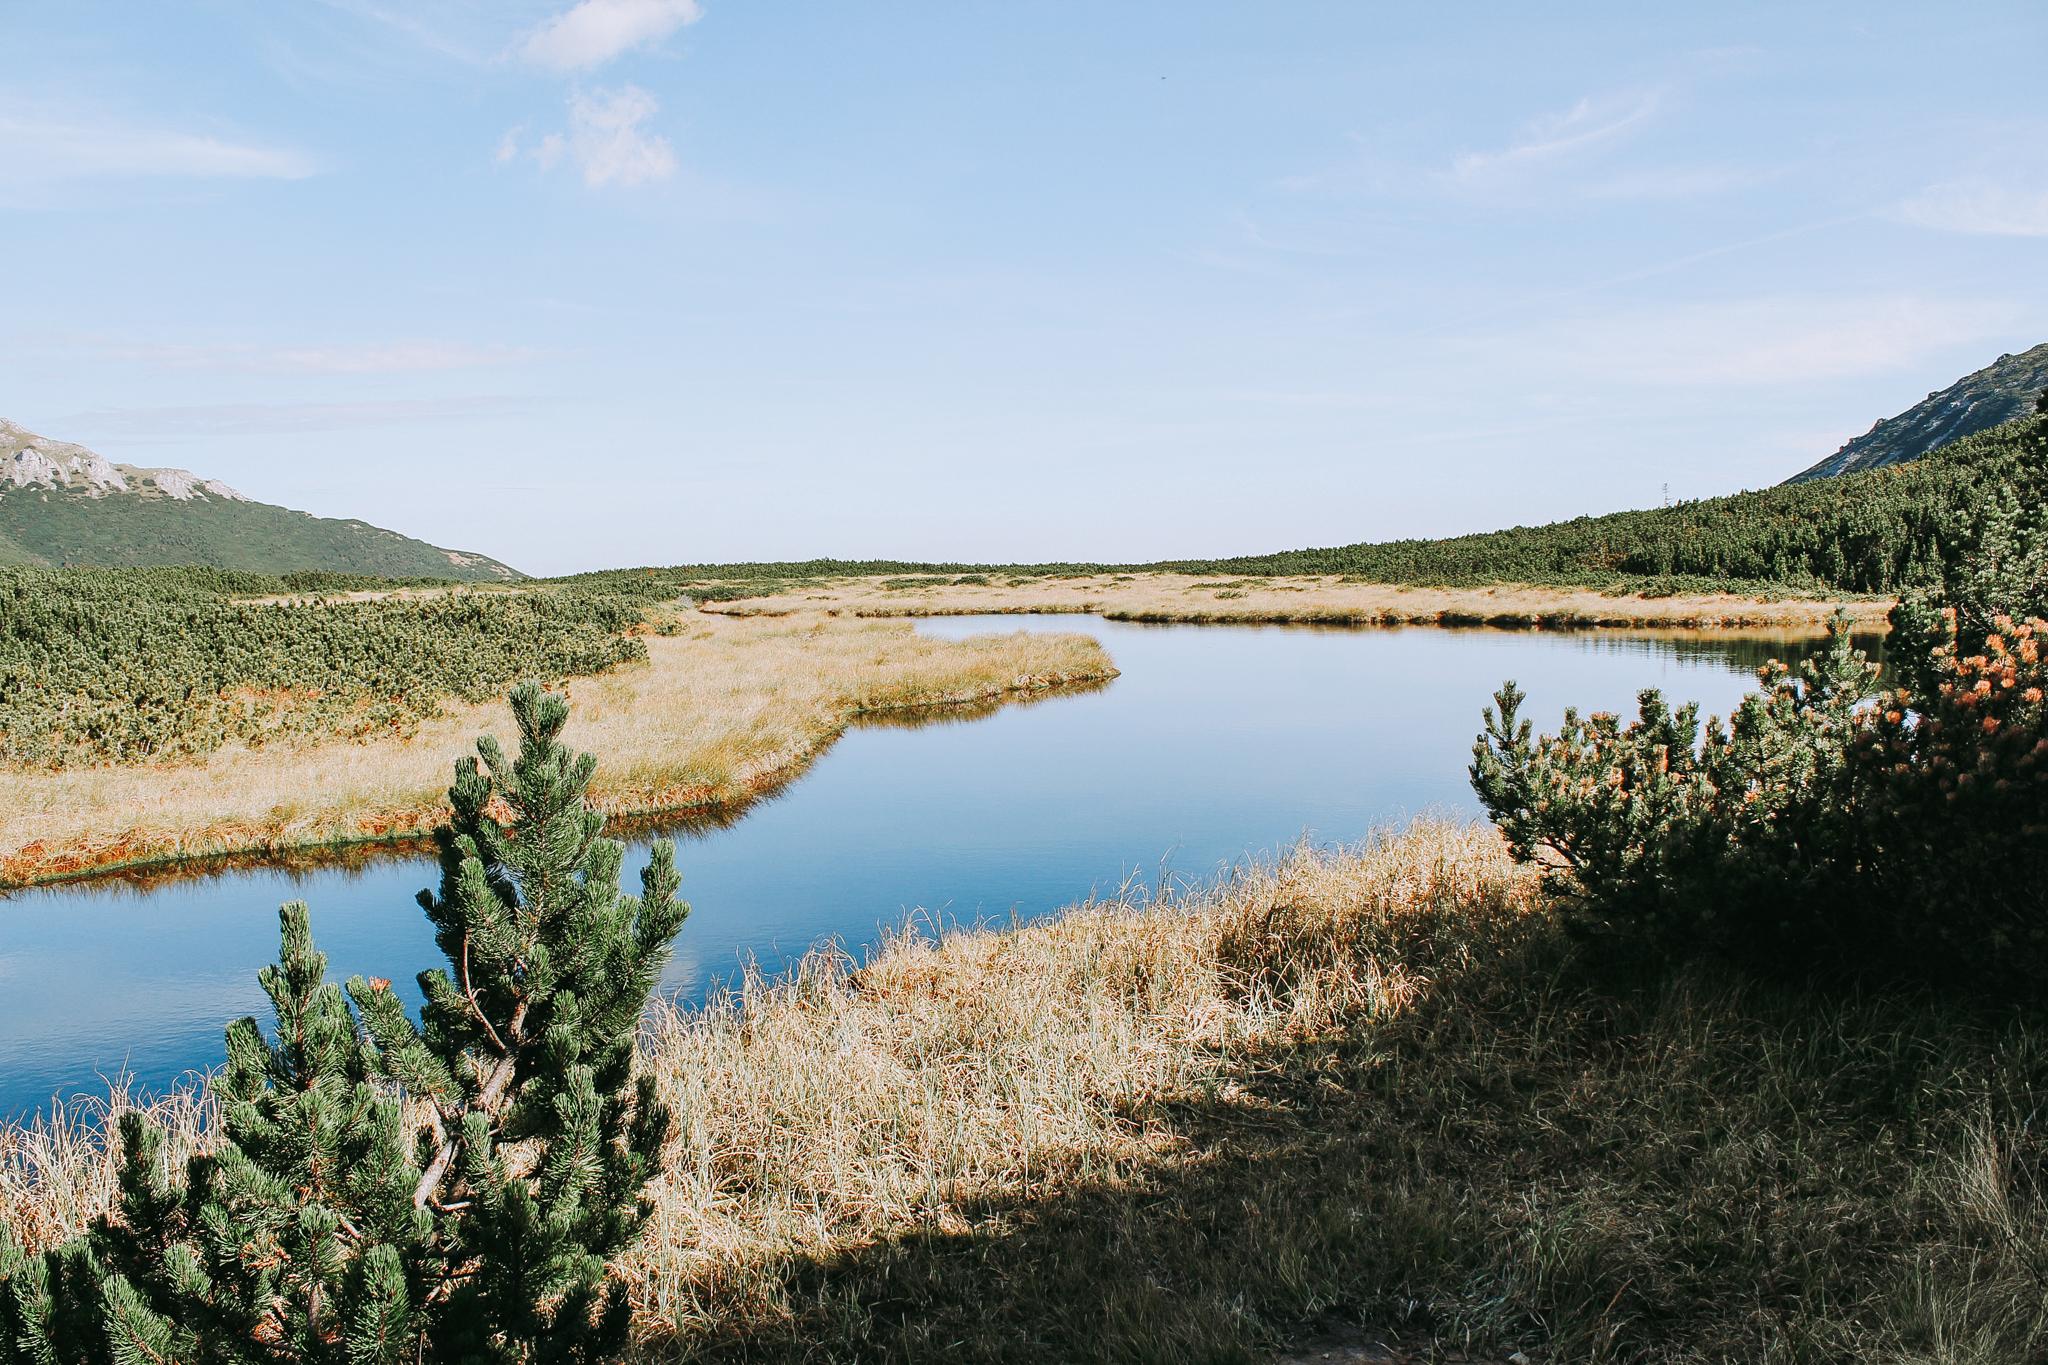 Lake Zdiar